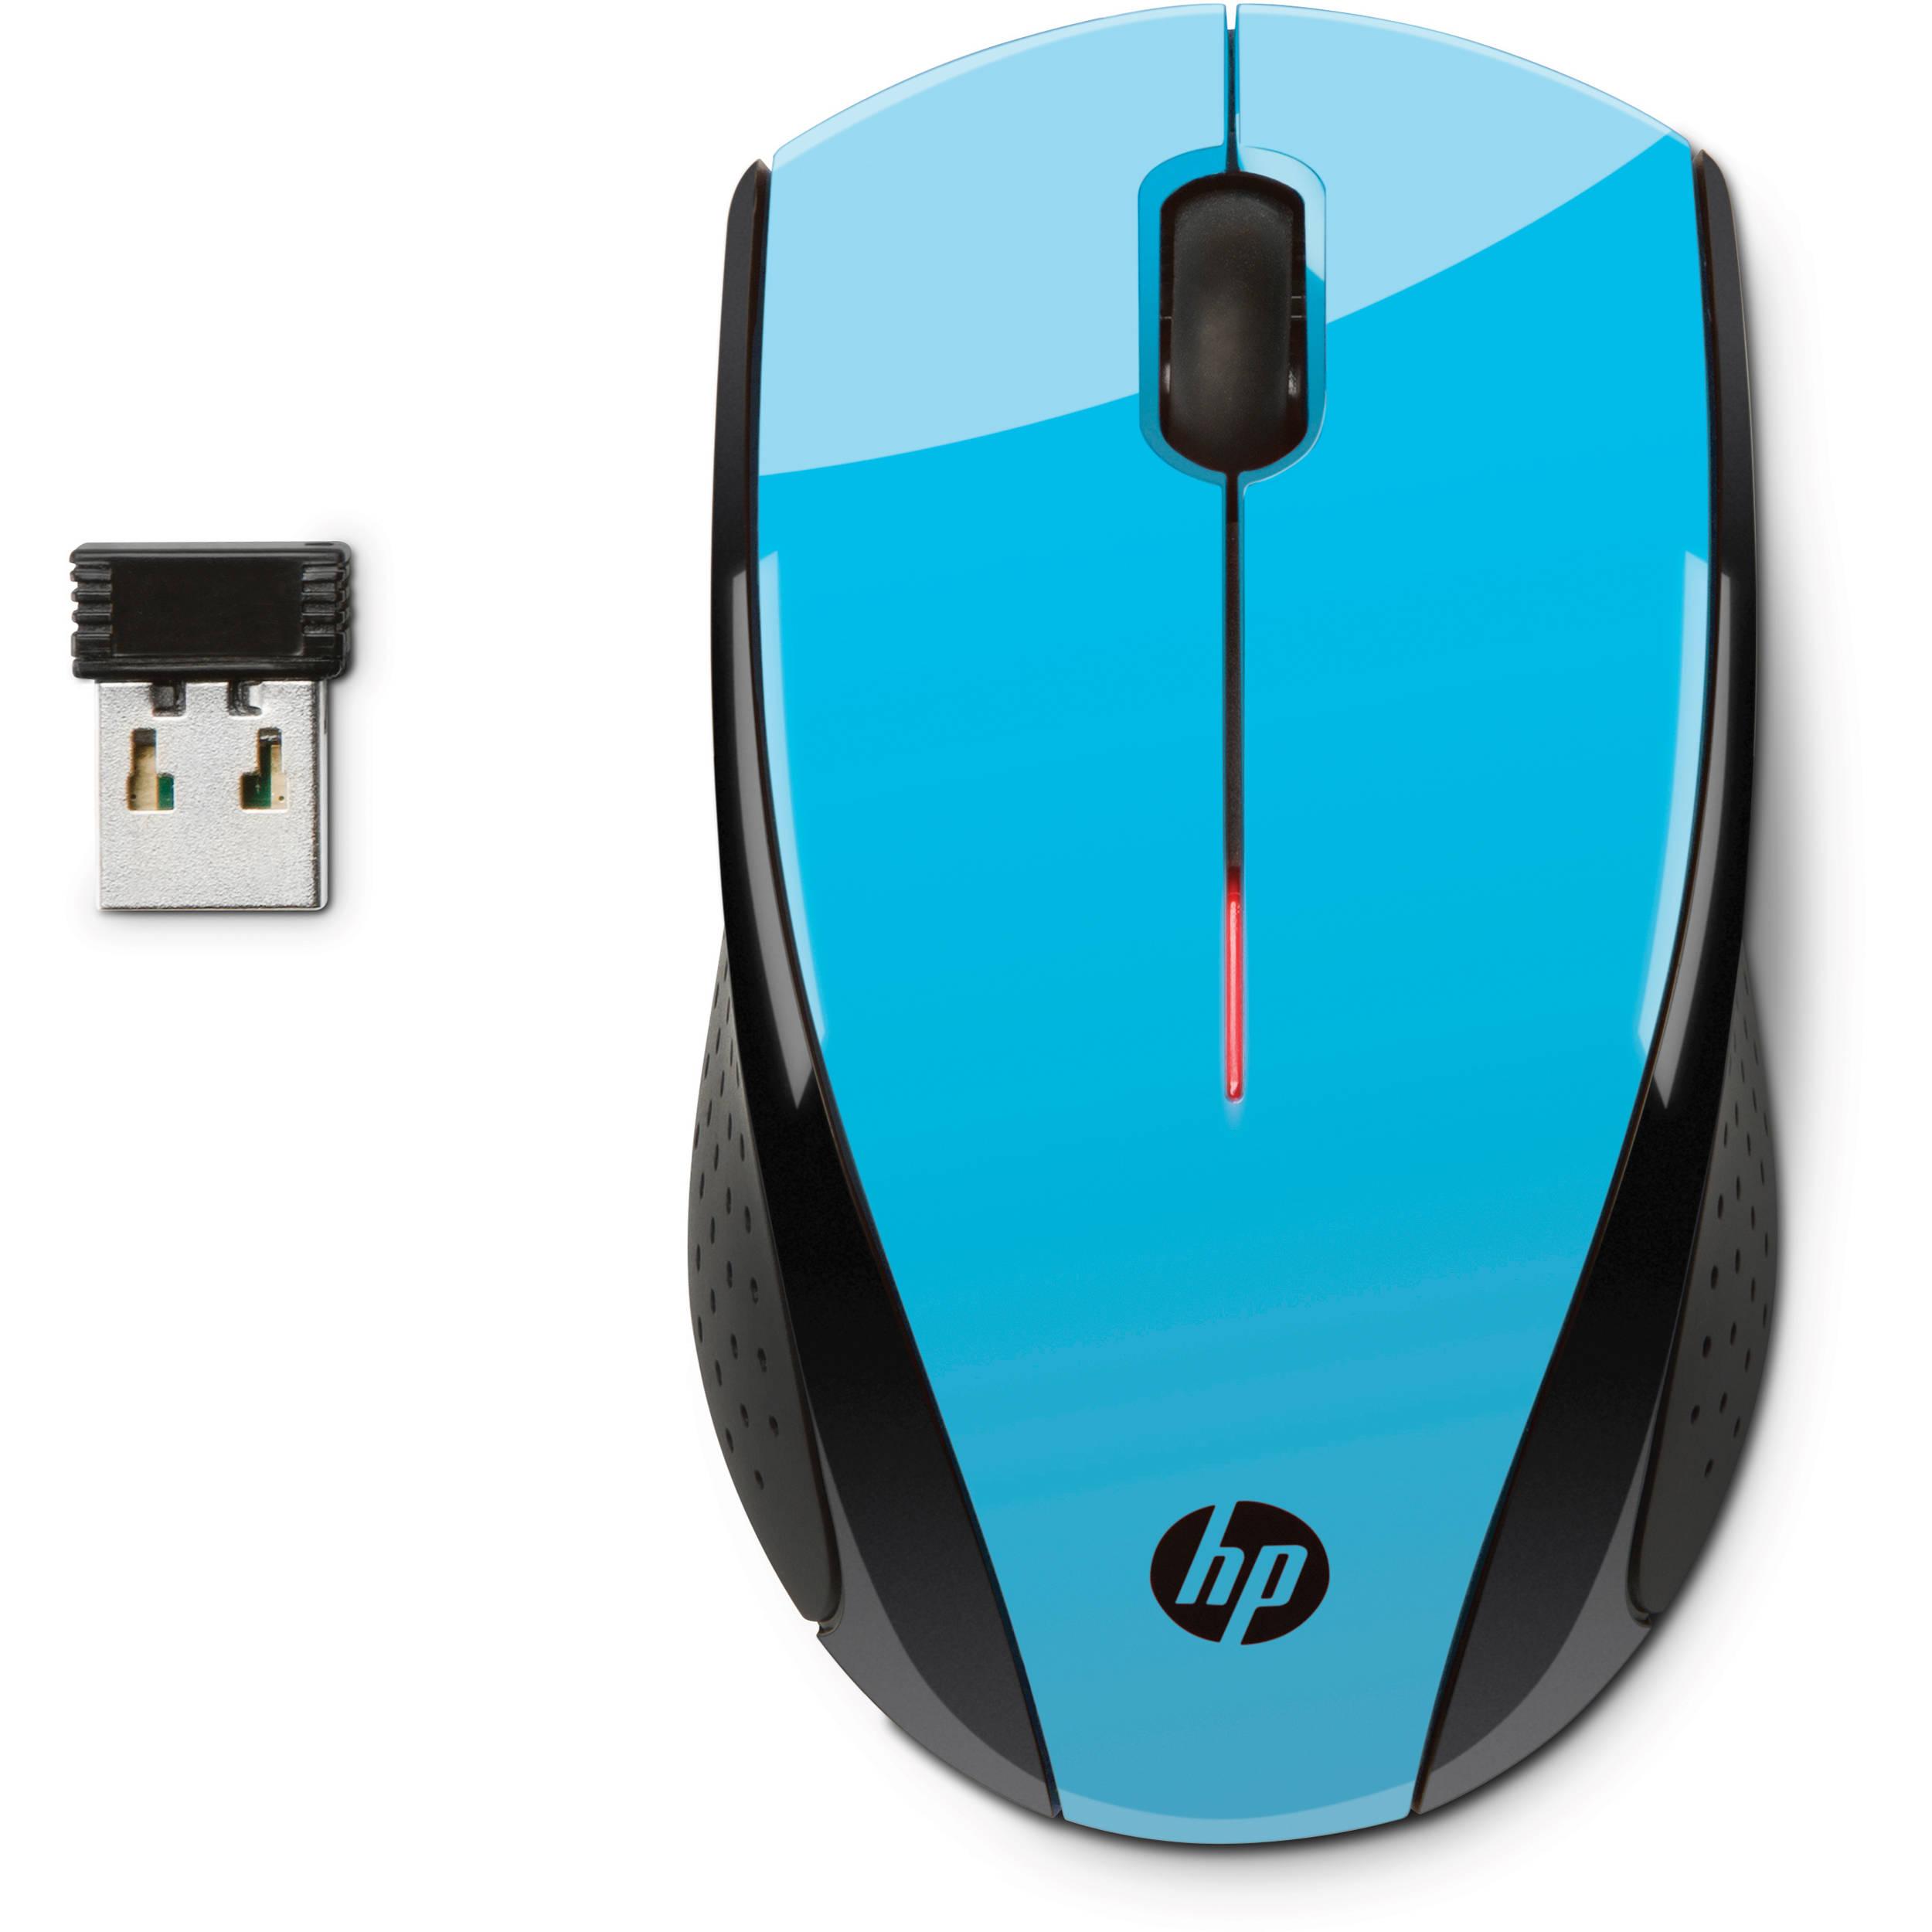 5bcdd56292a HP X3000 Wireless Mouse (Blue) K5D27AA#ABL B&H Photo Video